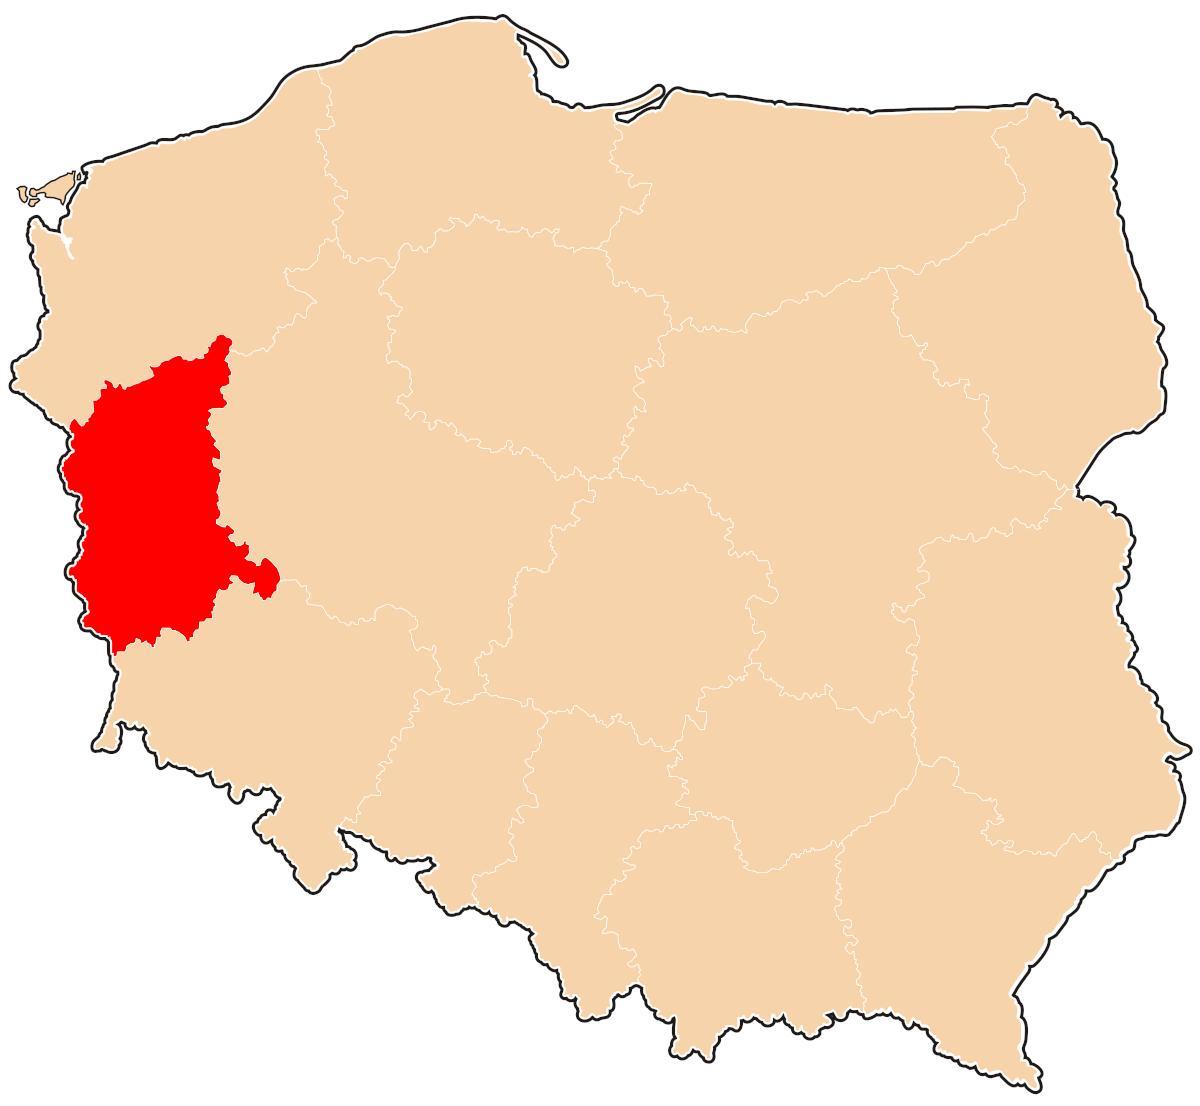 Województwo lubuskie znajduje się tu. Kolor czerwony. To większe kremowe to Polska. 😉Prosimy o mocny retweet.  #gdziejestlubuskie #testzwiedzy #geografia